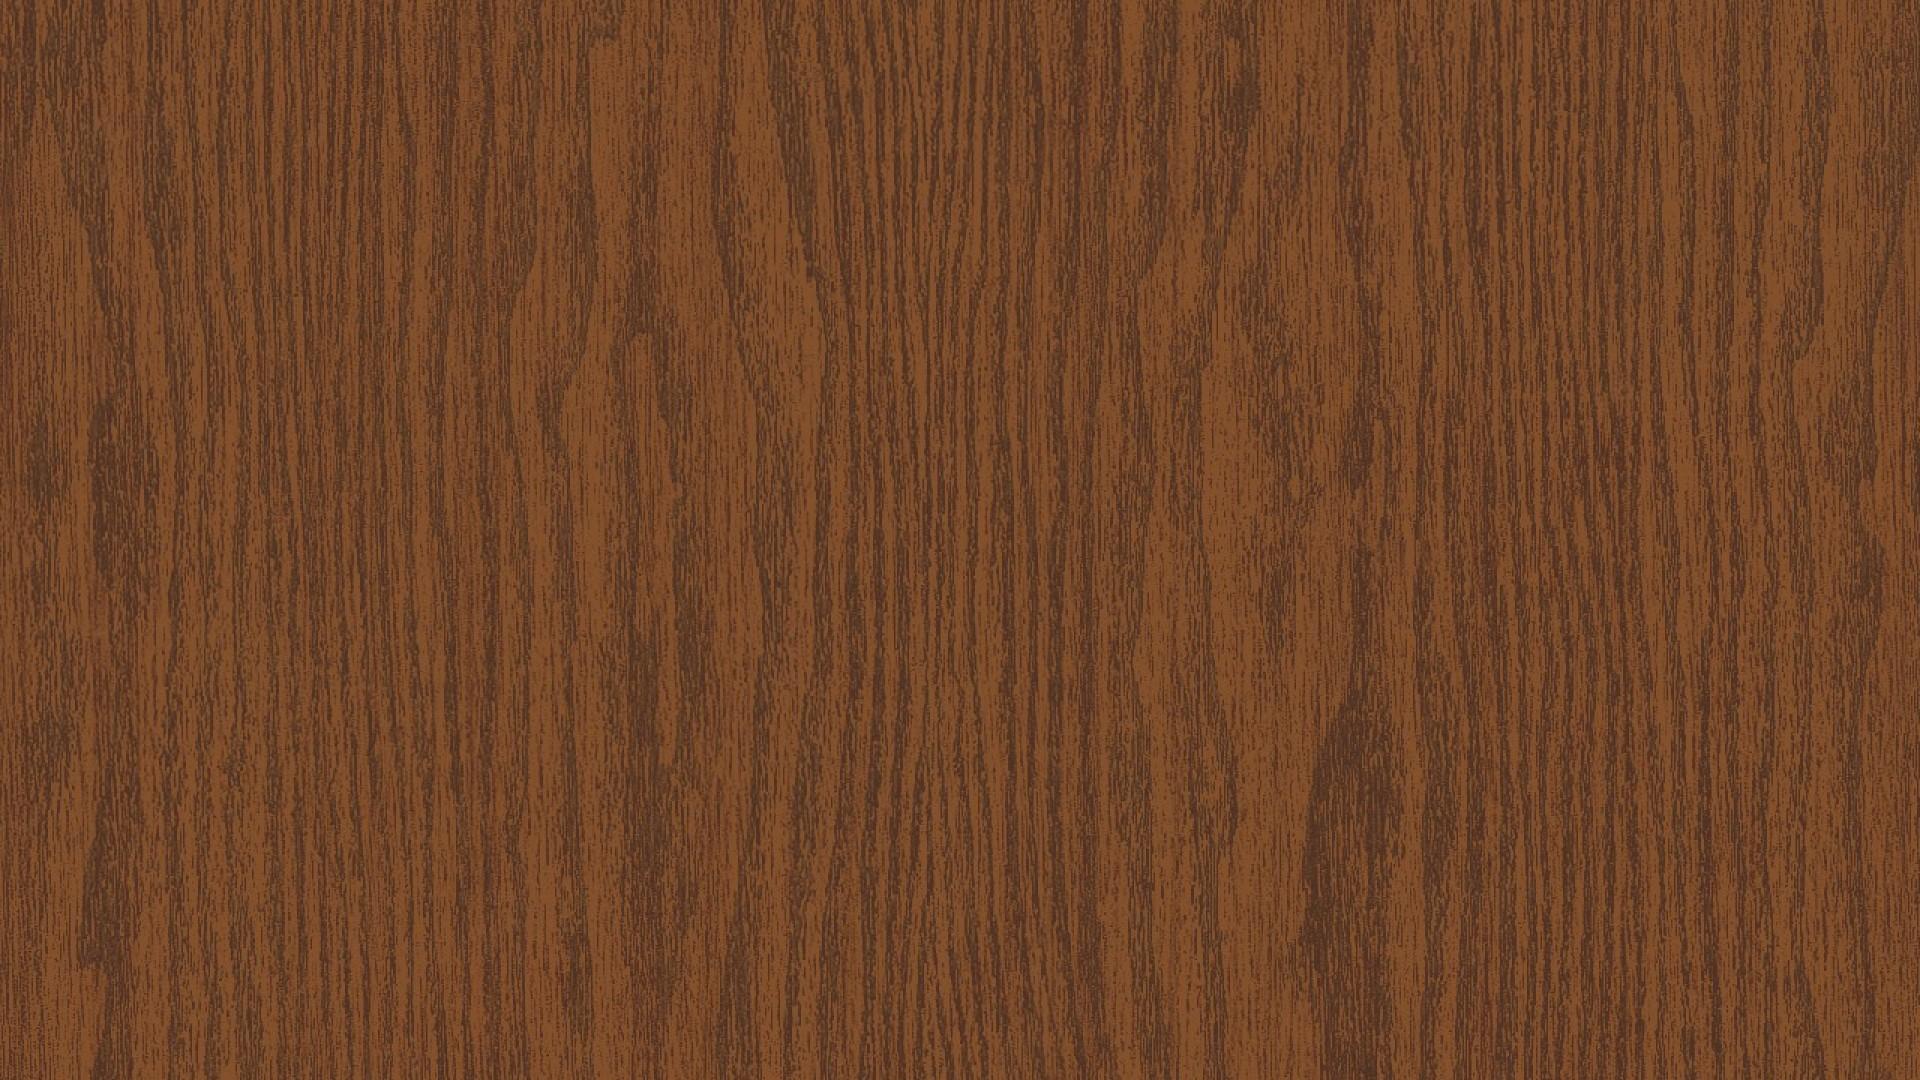 Wood solid oak by hexdef on deviantart